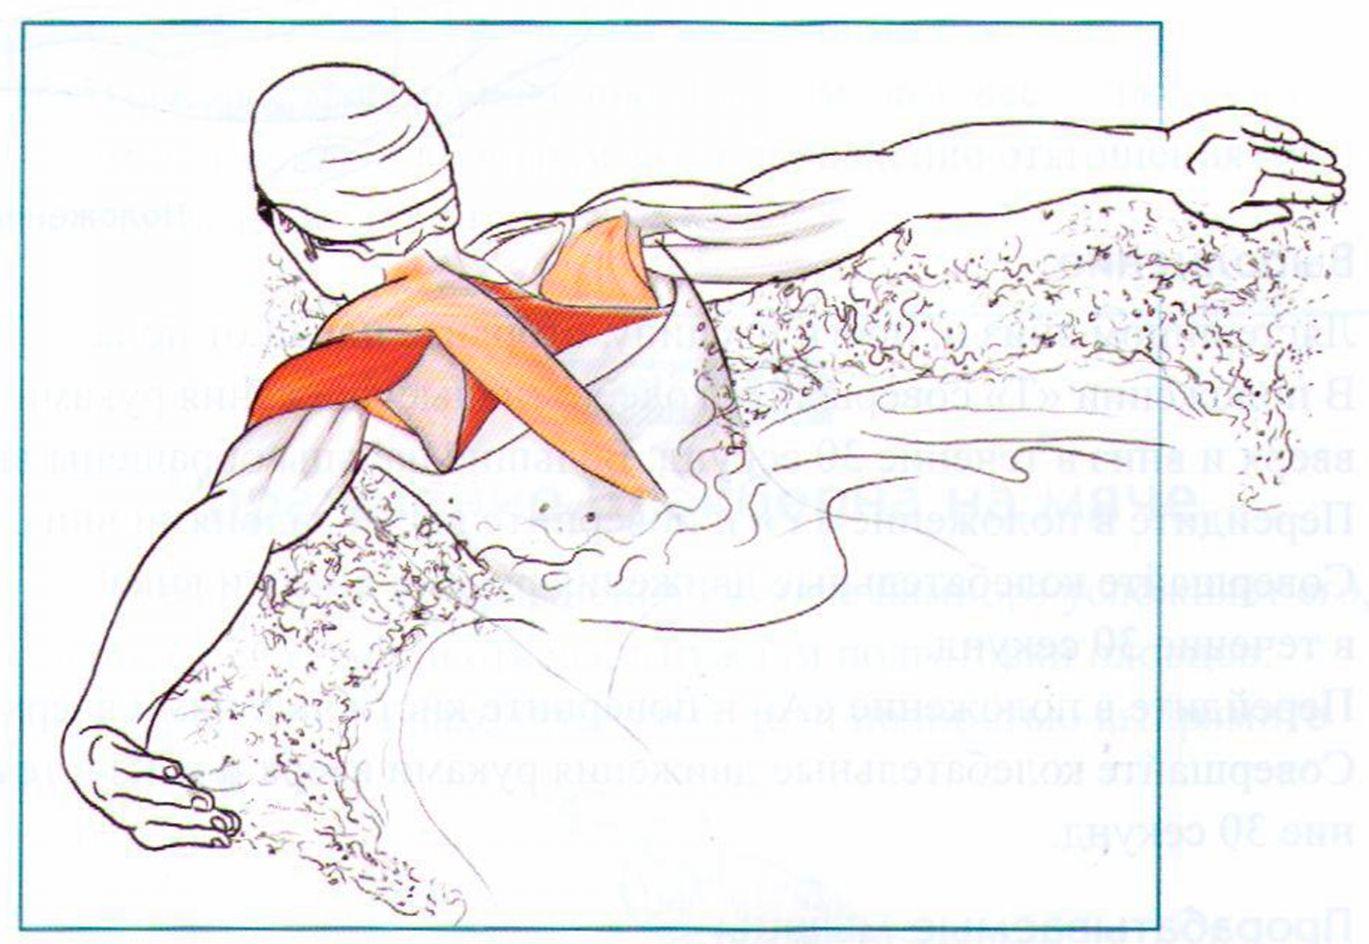 какие мышцы работают при плавании брасом пошлина